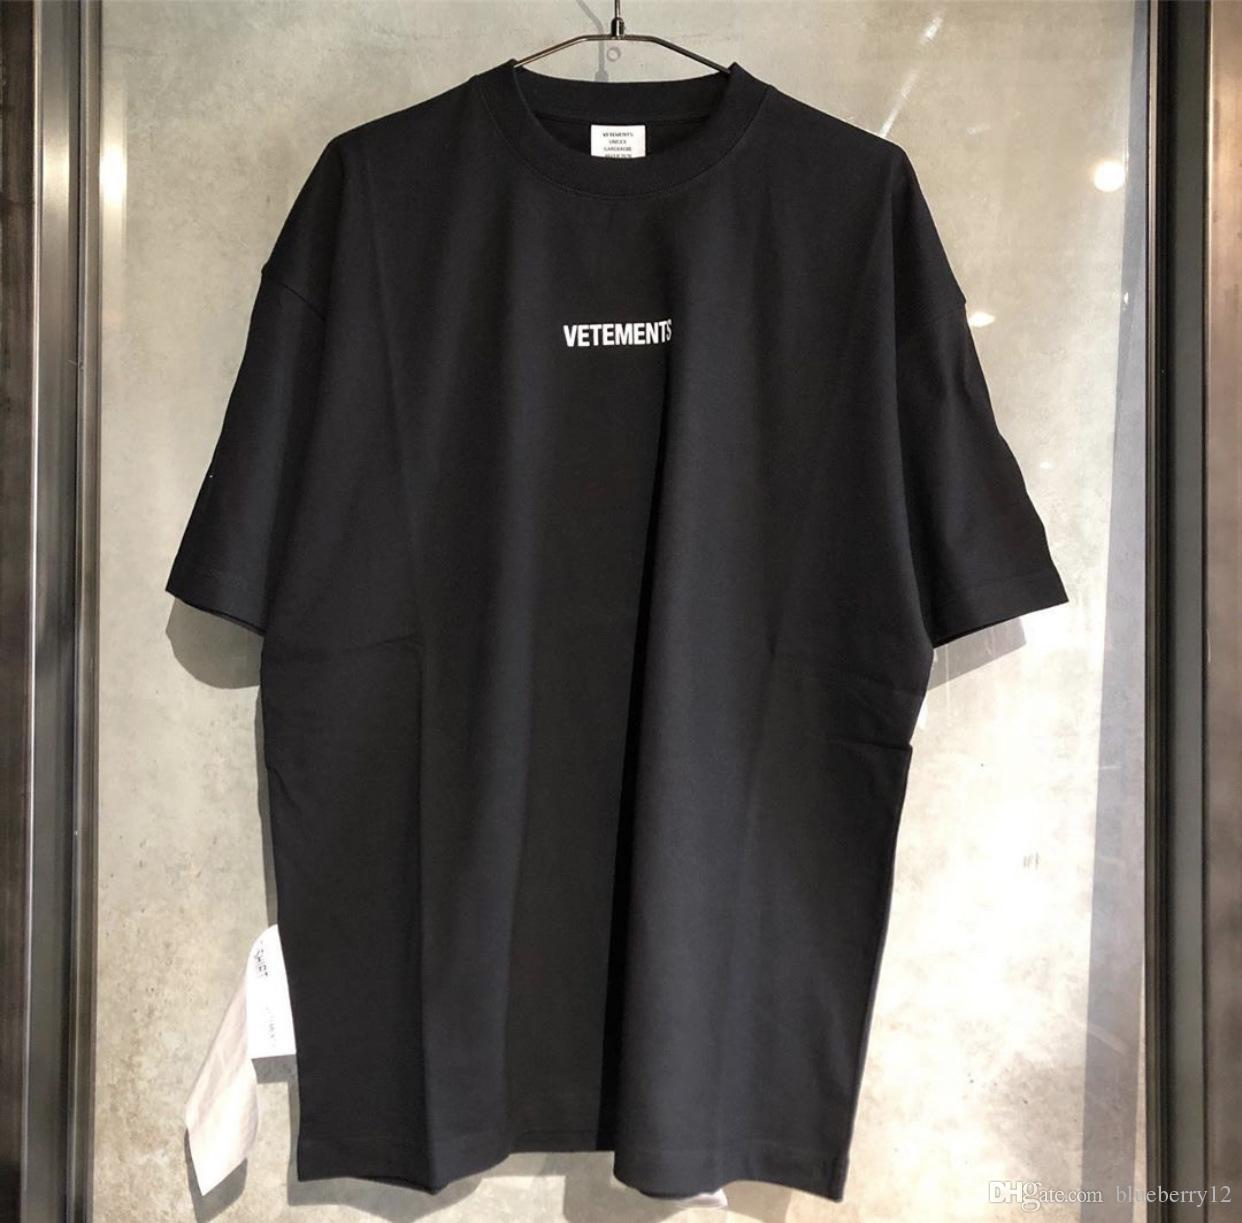 남성 t- 셔츠 Vetements의 t 셔츠 남성 여성 레드 블랙 화이트 큰 태그 Vetements 티 대형 Vetements 티셔츠